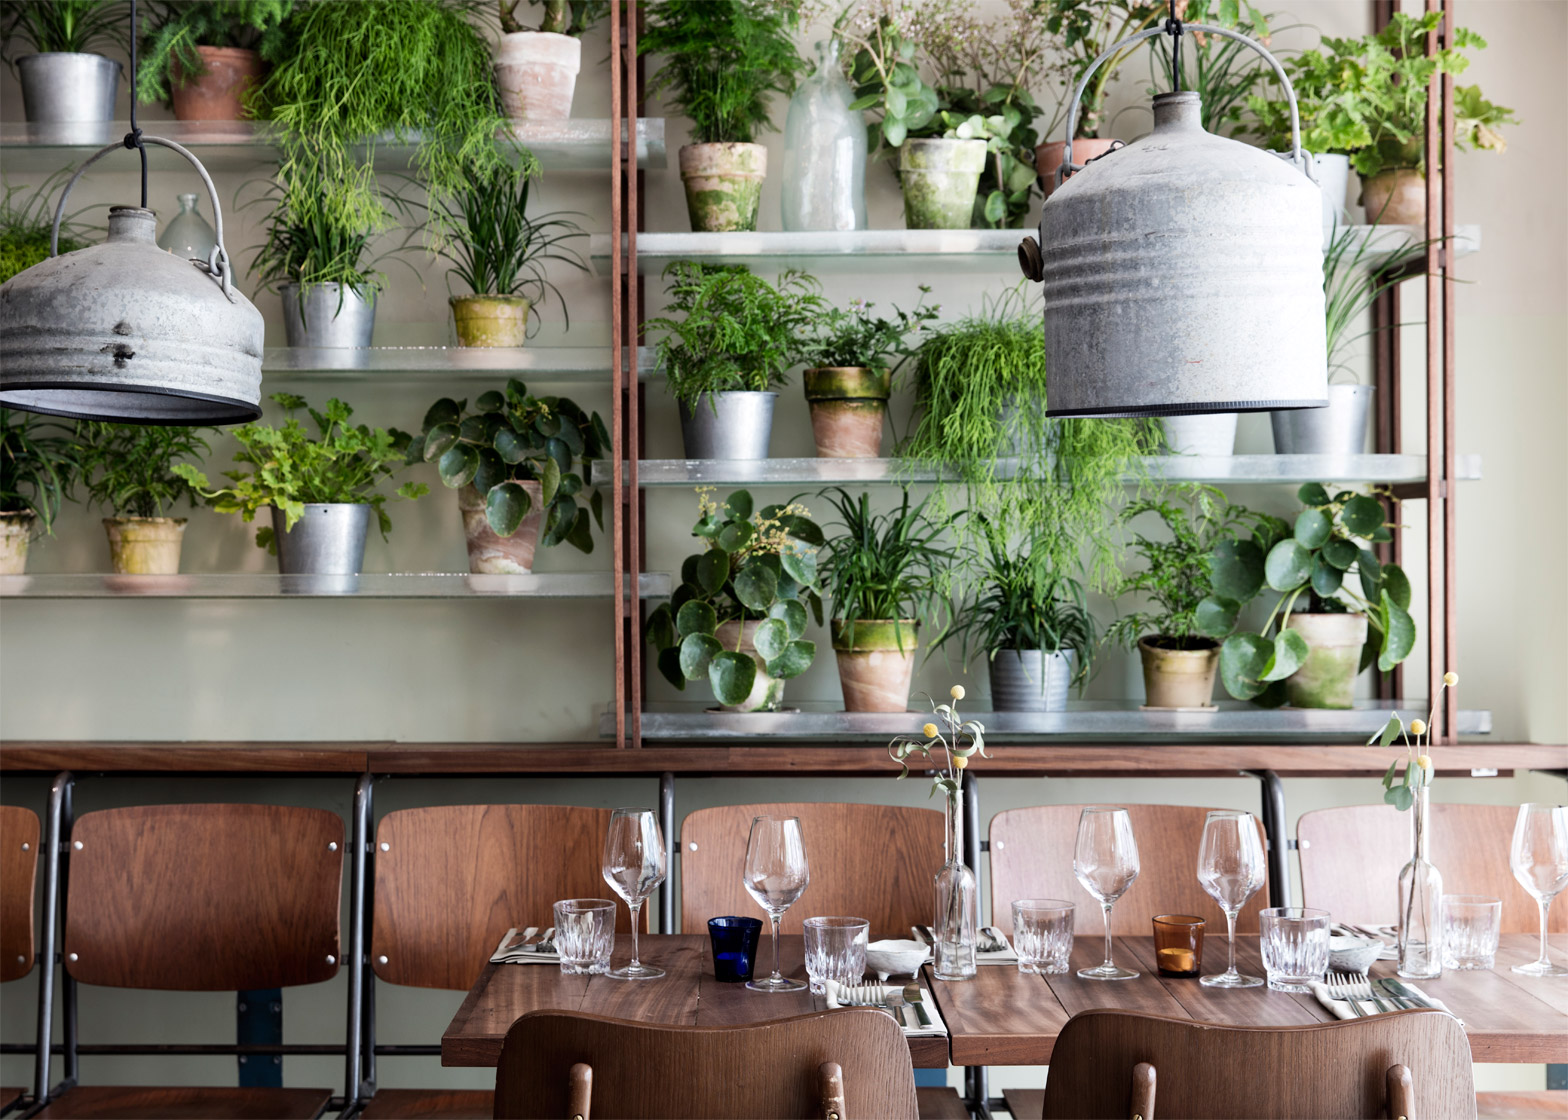 Väkst Nordic restaurant interior by Genbyg in Copenhagen, Denmark